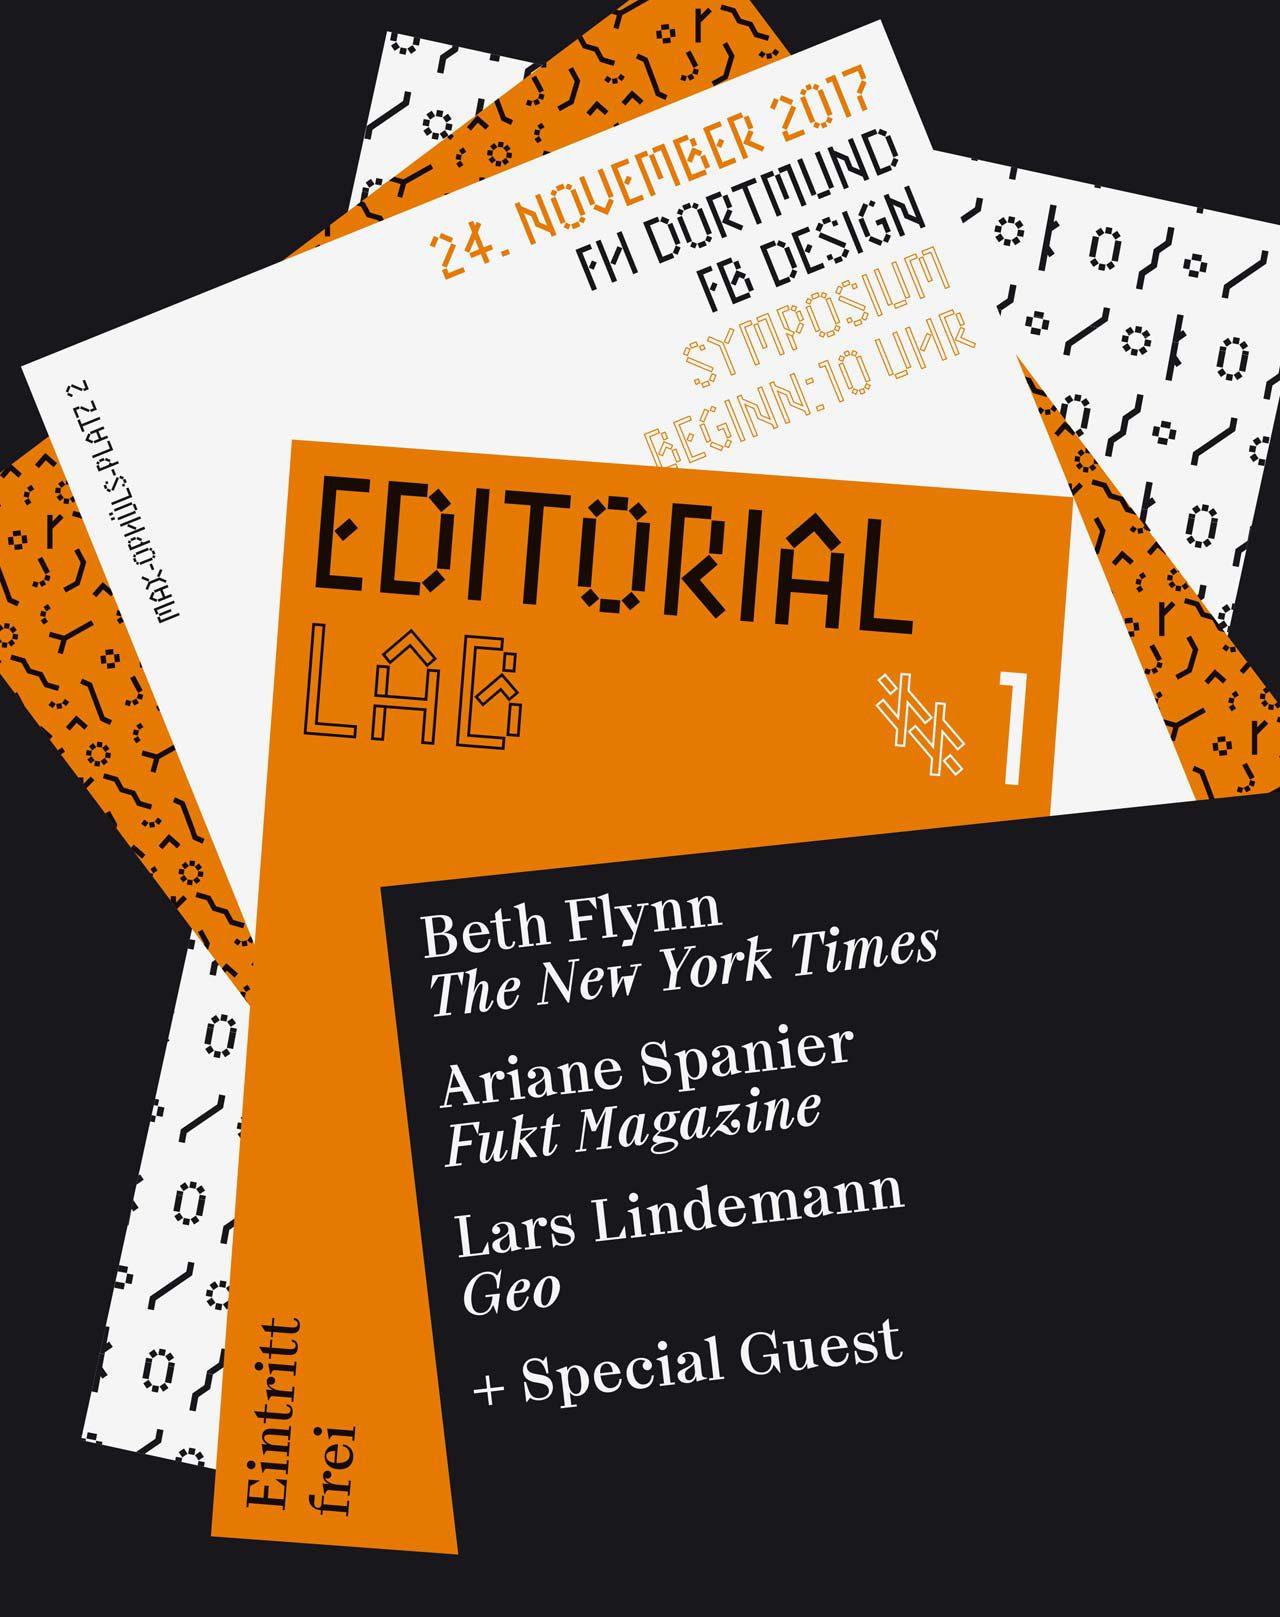 Mit dem Editorial Lab #1 startet die Fachhochschule Dortmund eine neue Symposiumsreihe. Foto: FH Dortmund